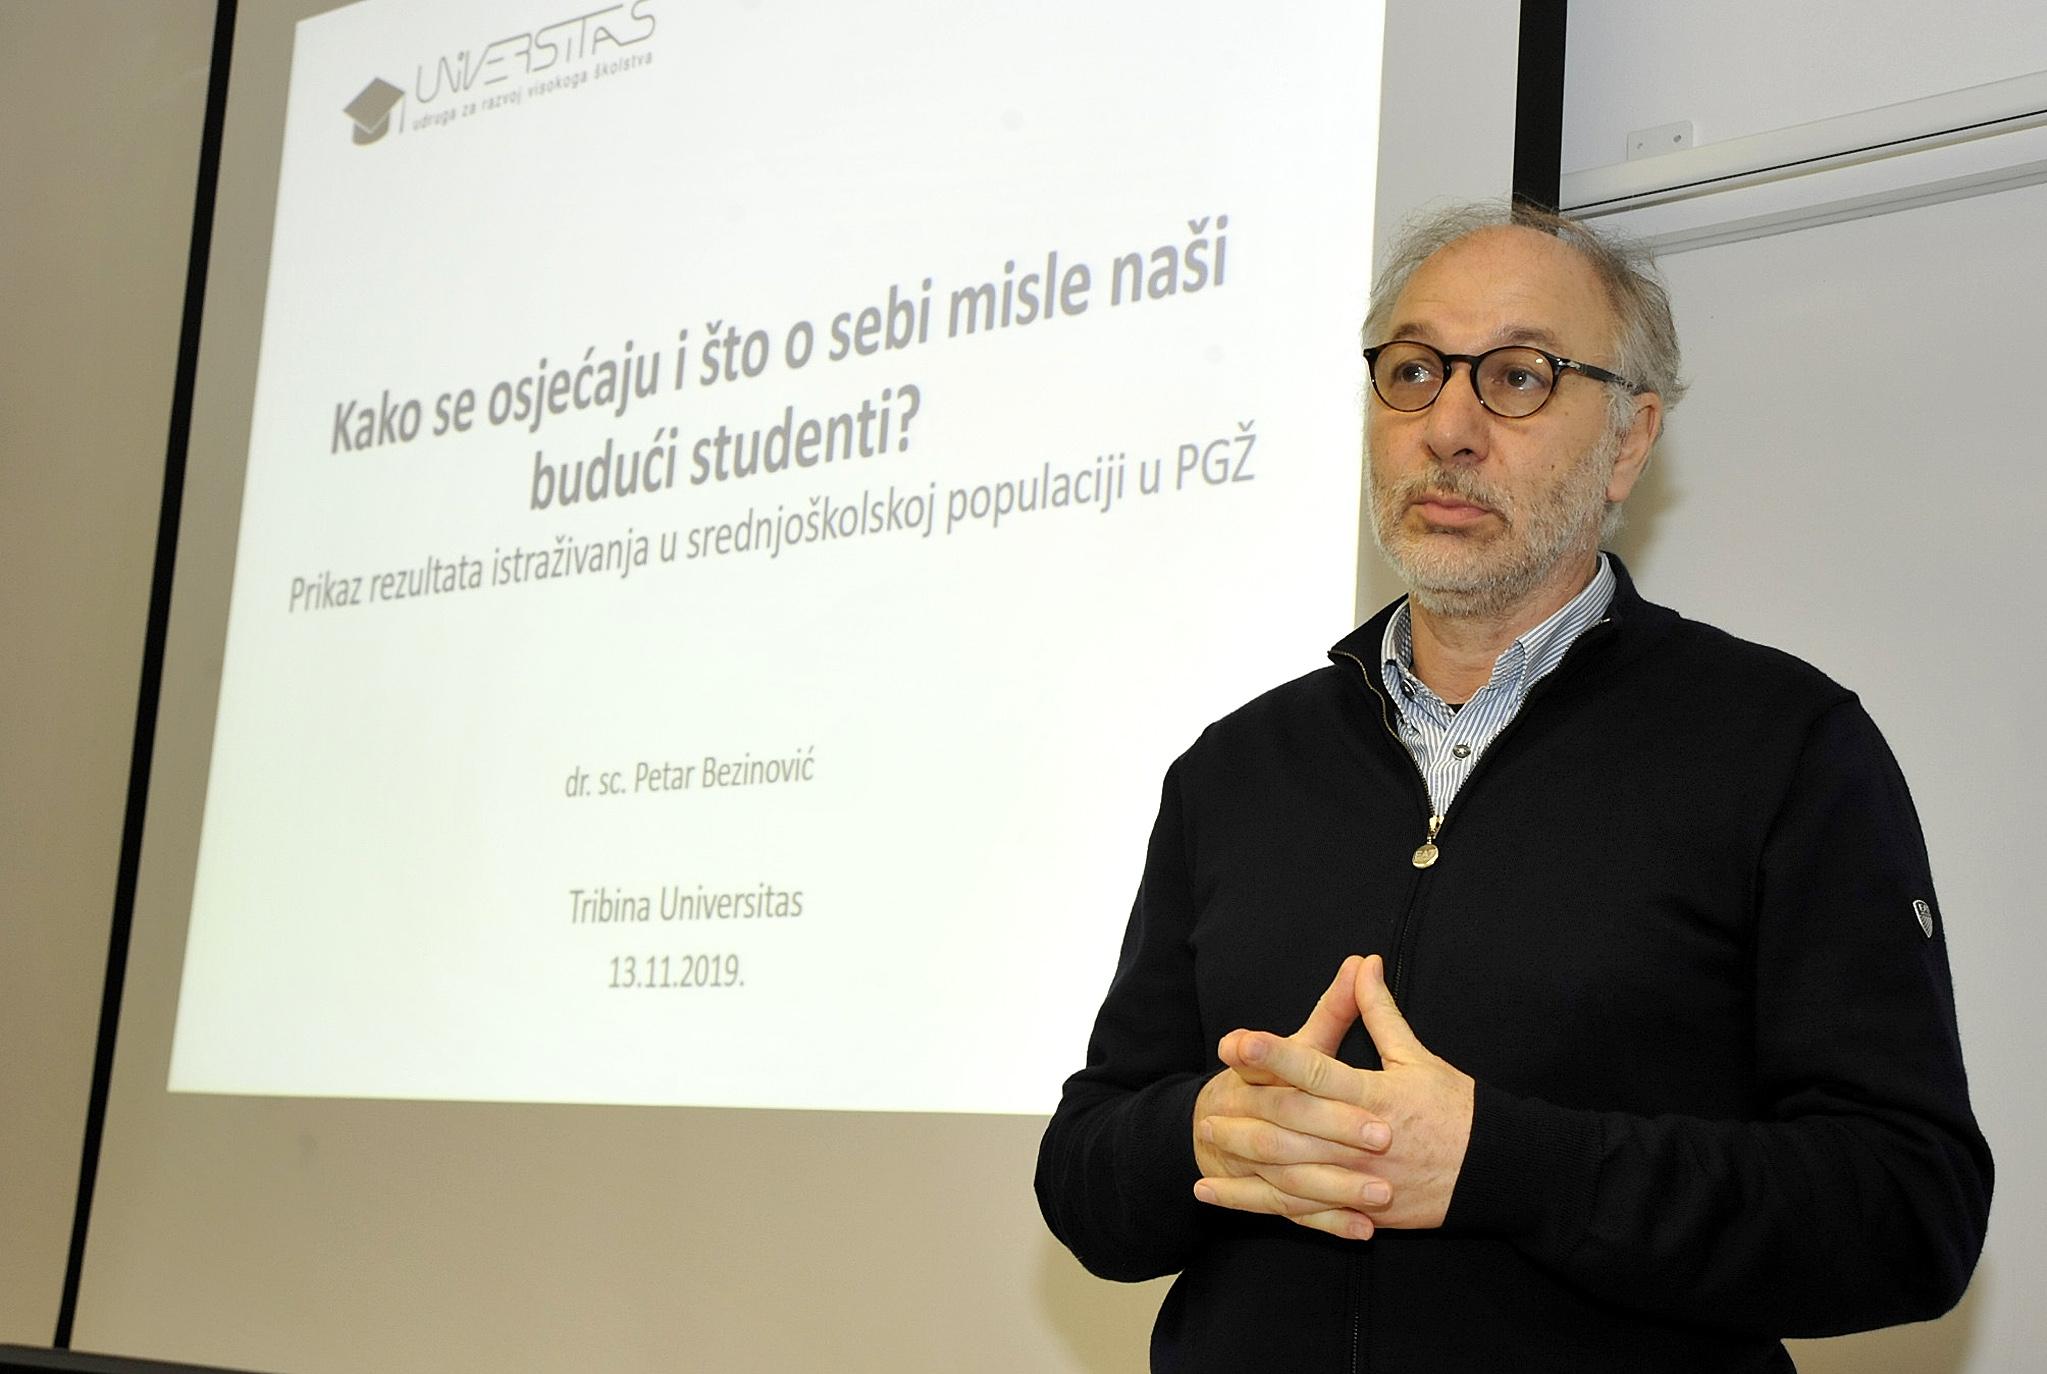 Istraživanje je predstavio prof. dr. Petar Bezinović / Foto S. DRECHSLER